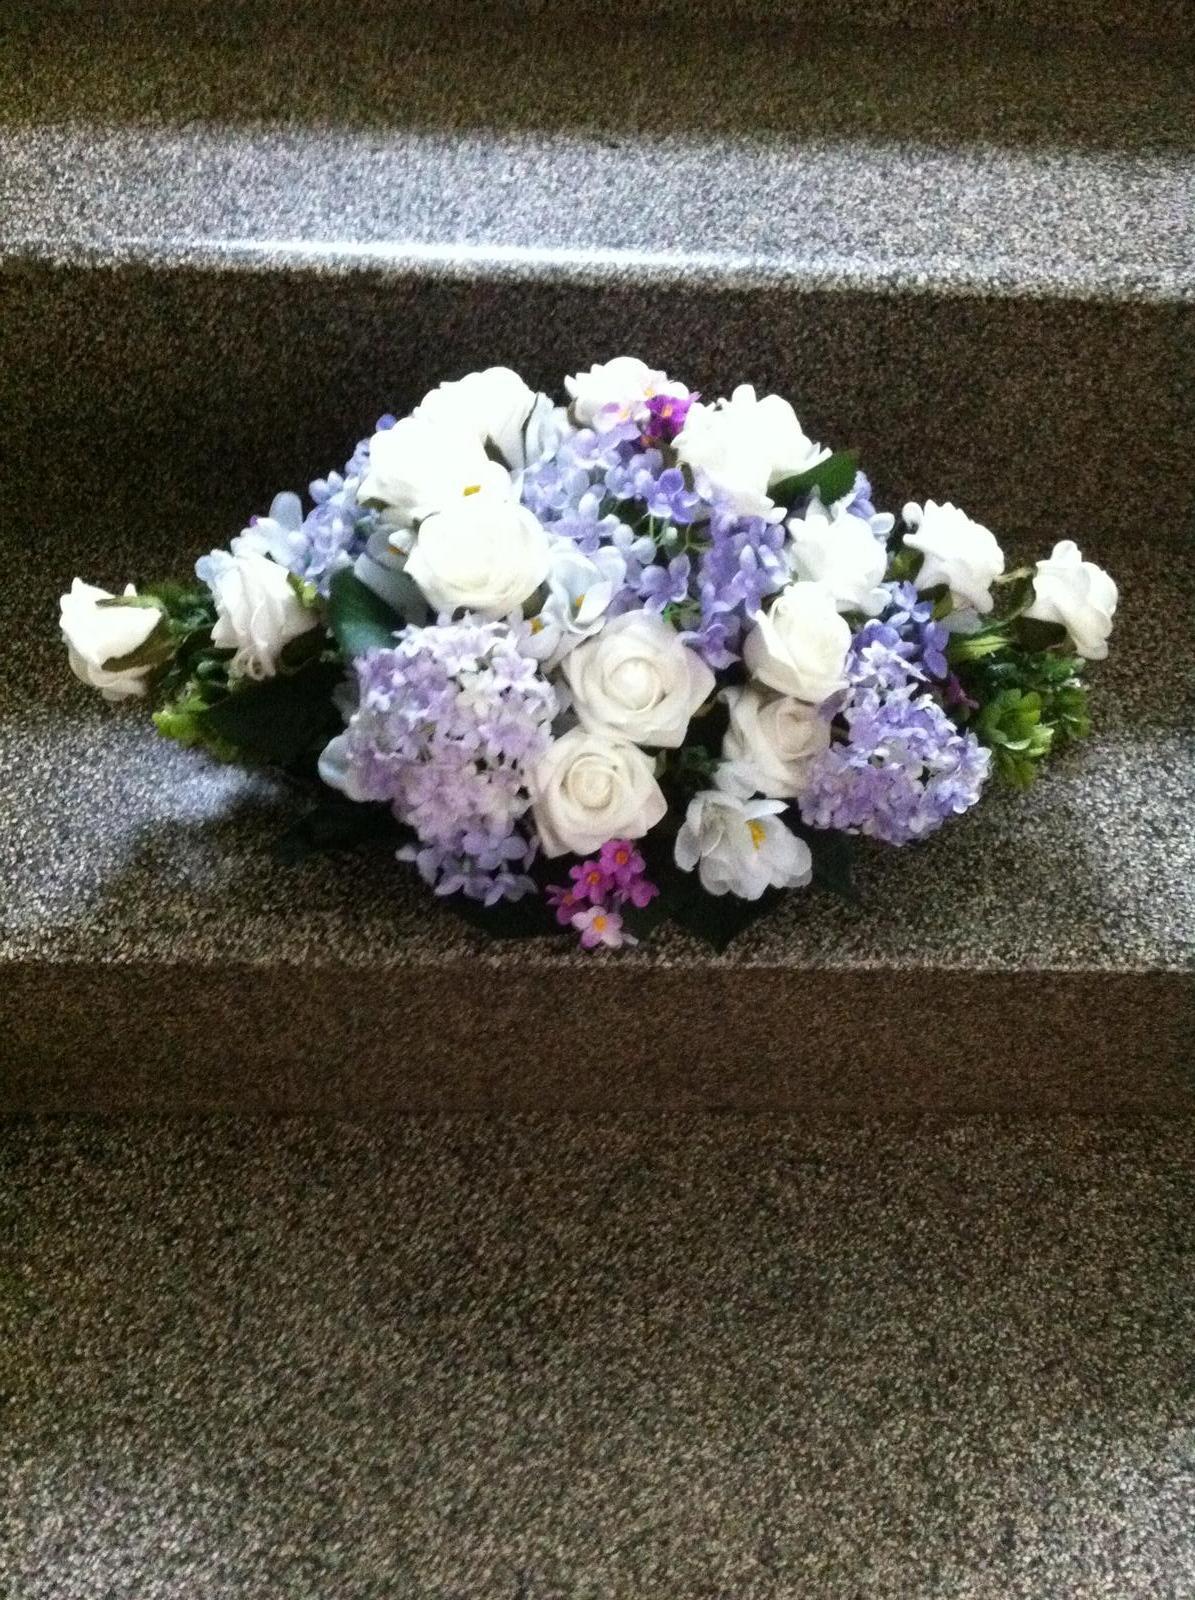 Netradiční svatební kytice - pěnové růžičky + polštářky pod prstýnky, košíčky - Obrázek č. 78